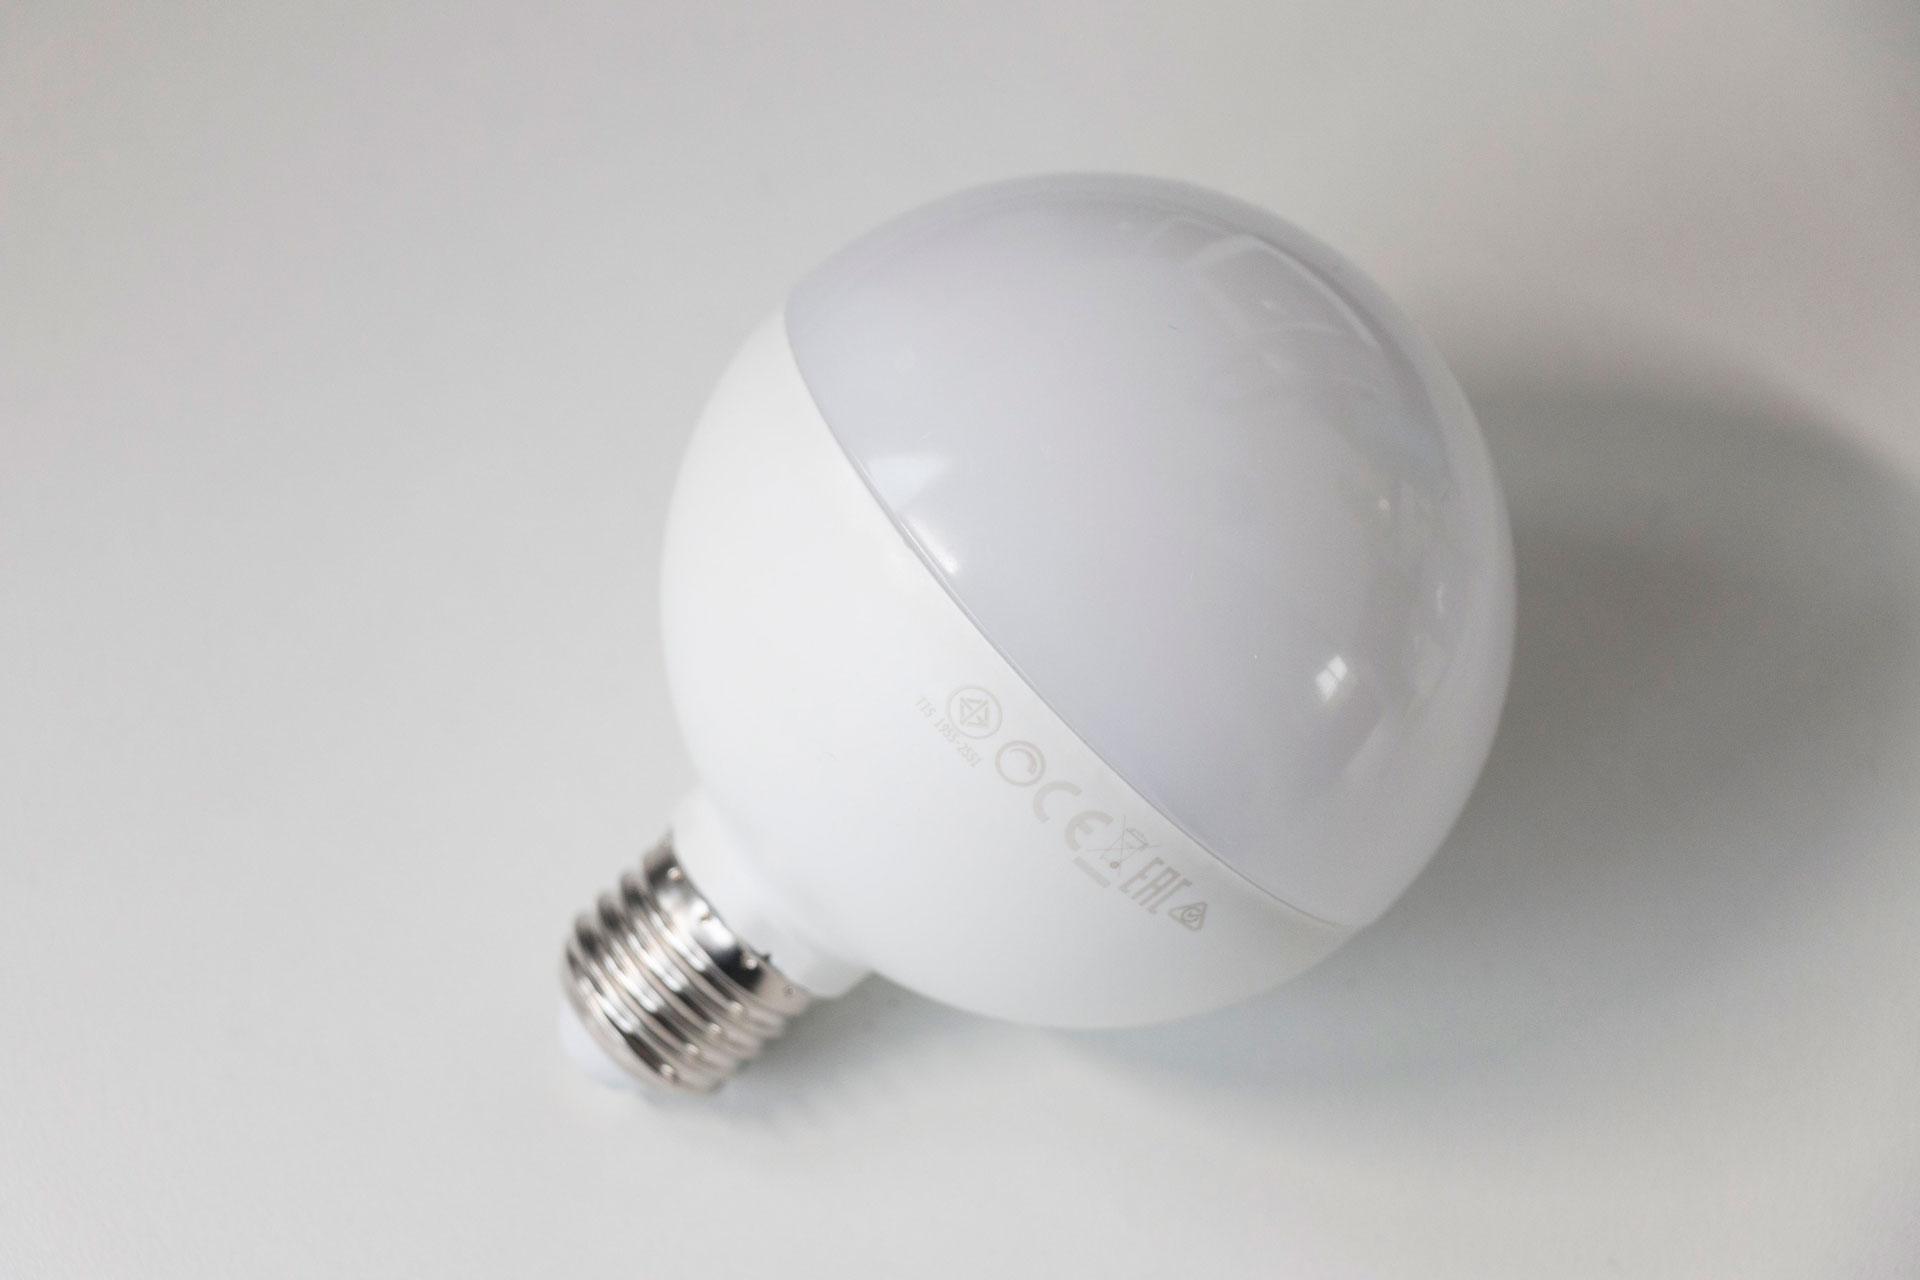 Ikea Ledare LED 1800 lm 703.059.79